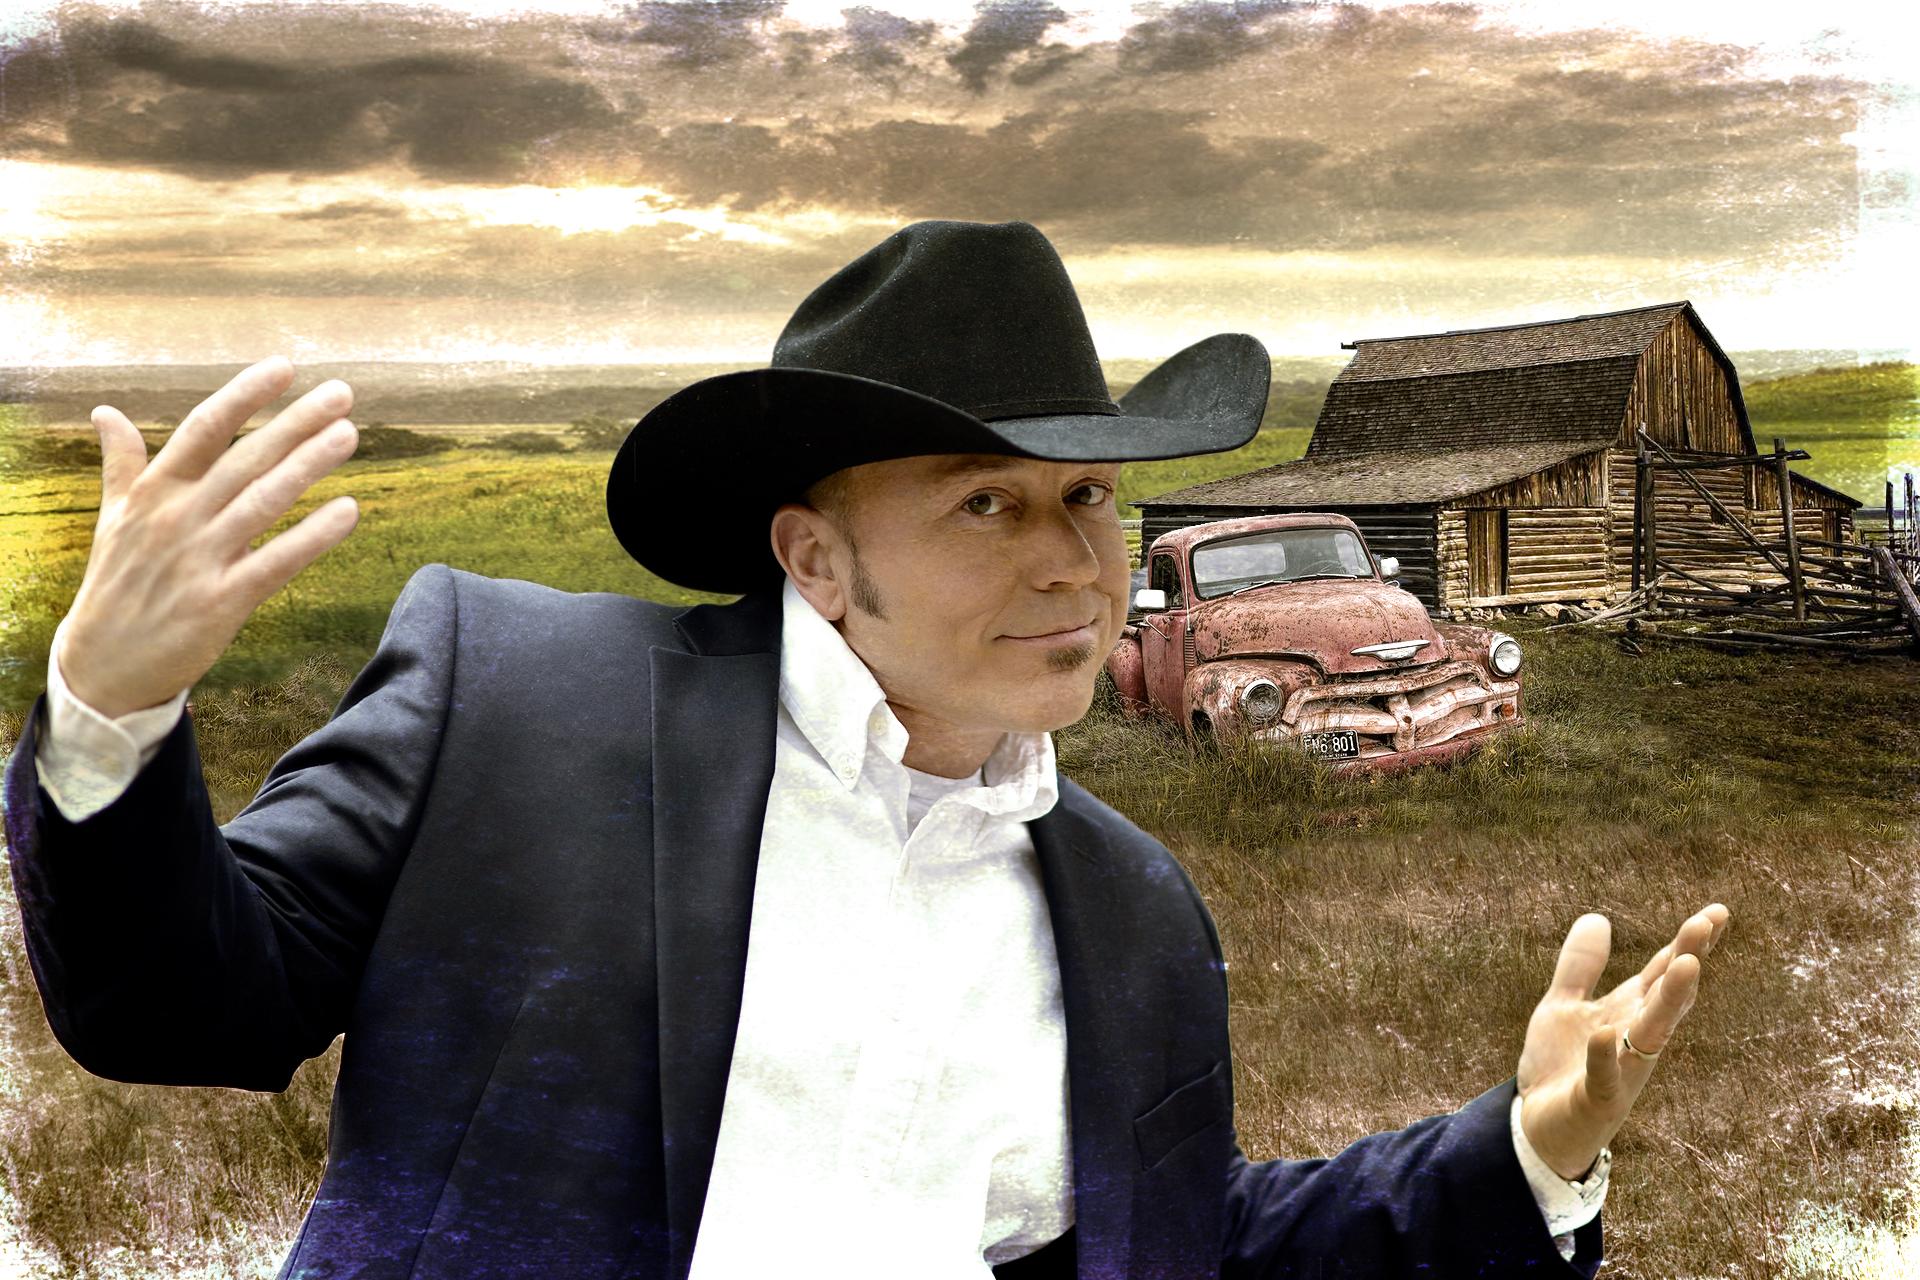 John Wesley Austin Stand Up Comedian Cowboy Comedian